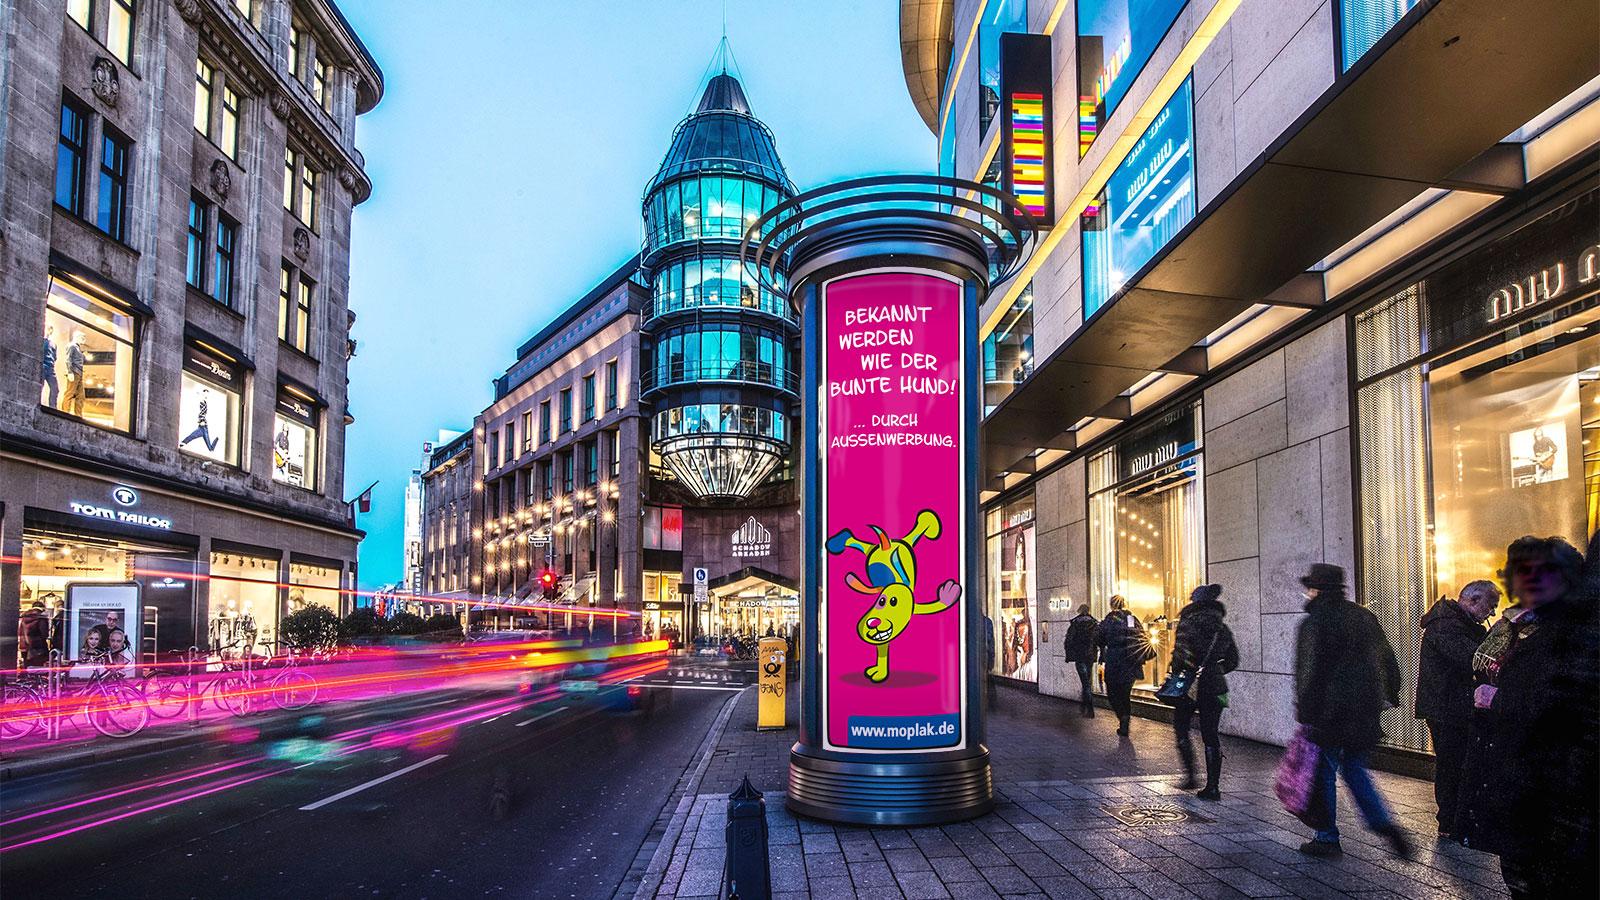 Berlin-Aussenwerbung-Litfasssaeule-Werbung